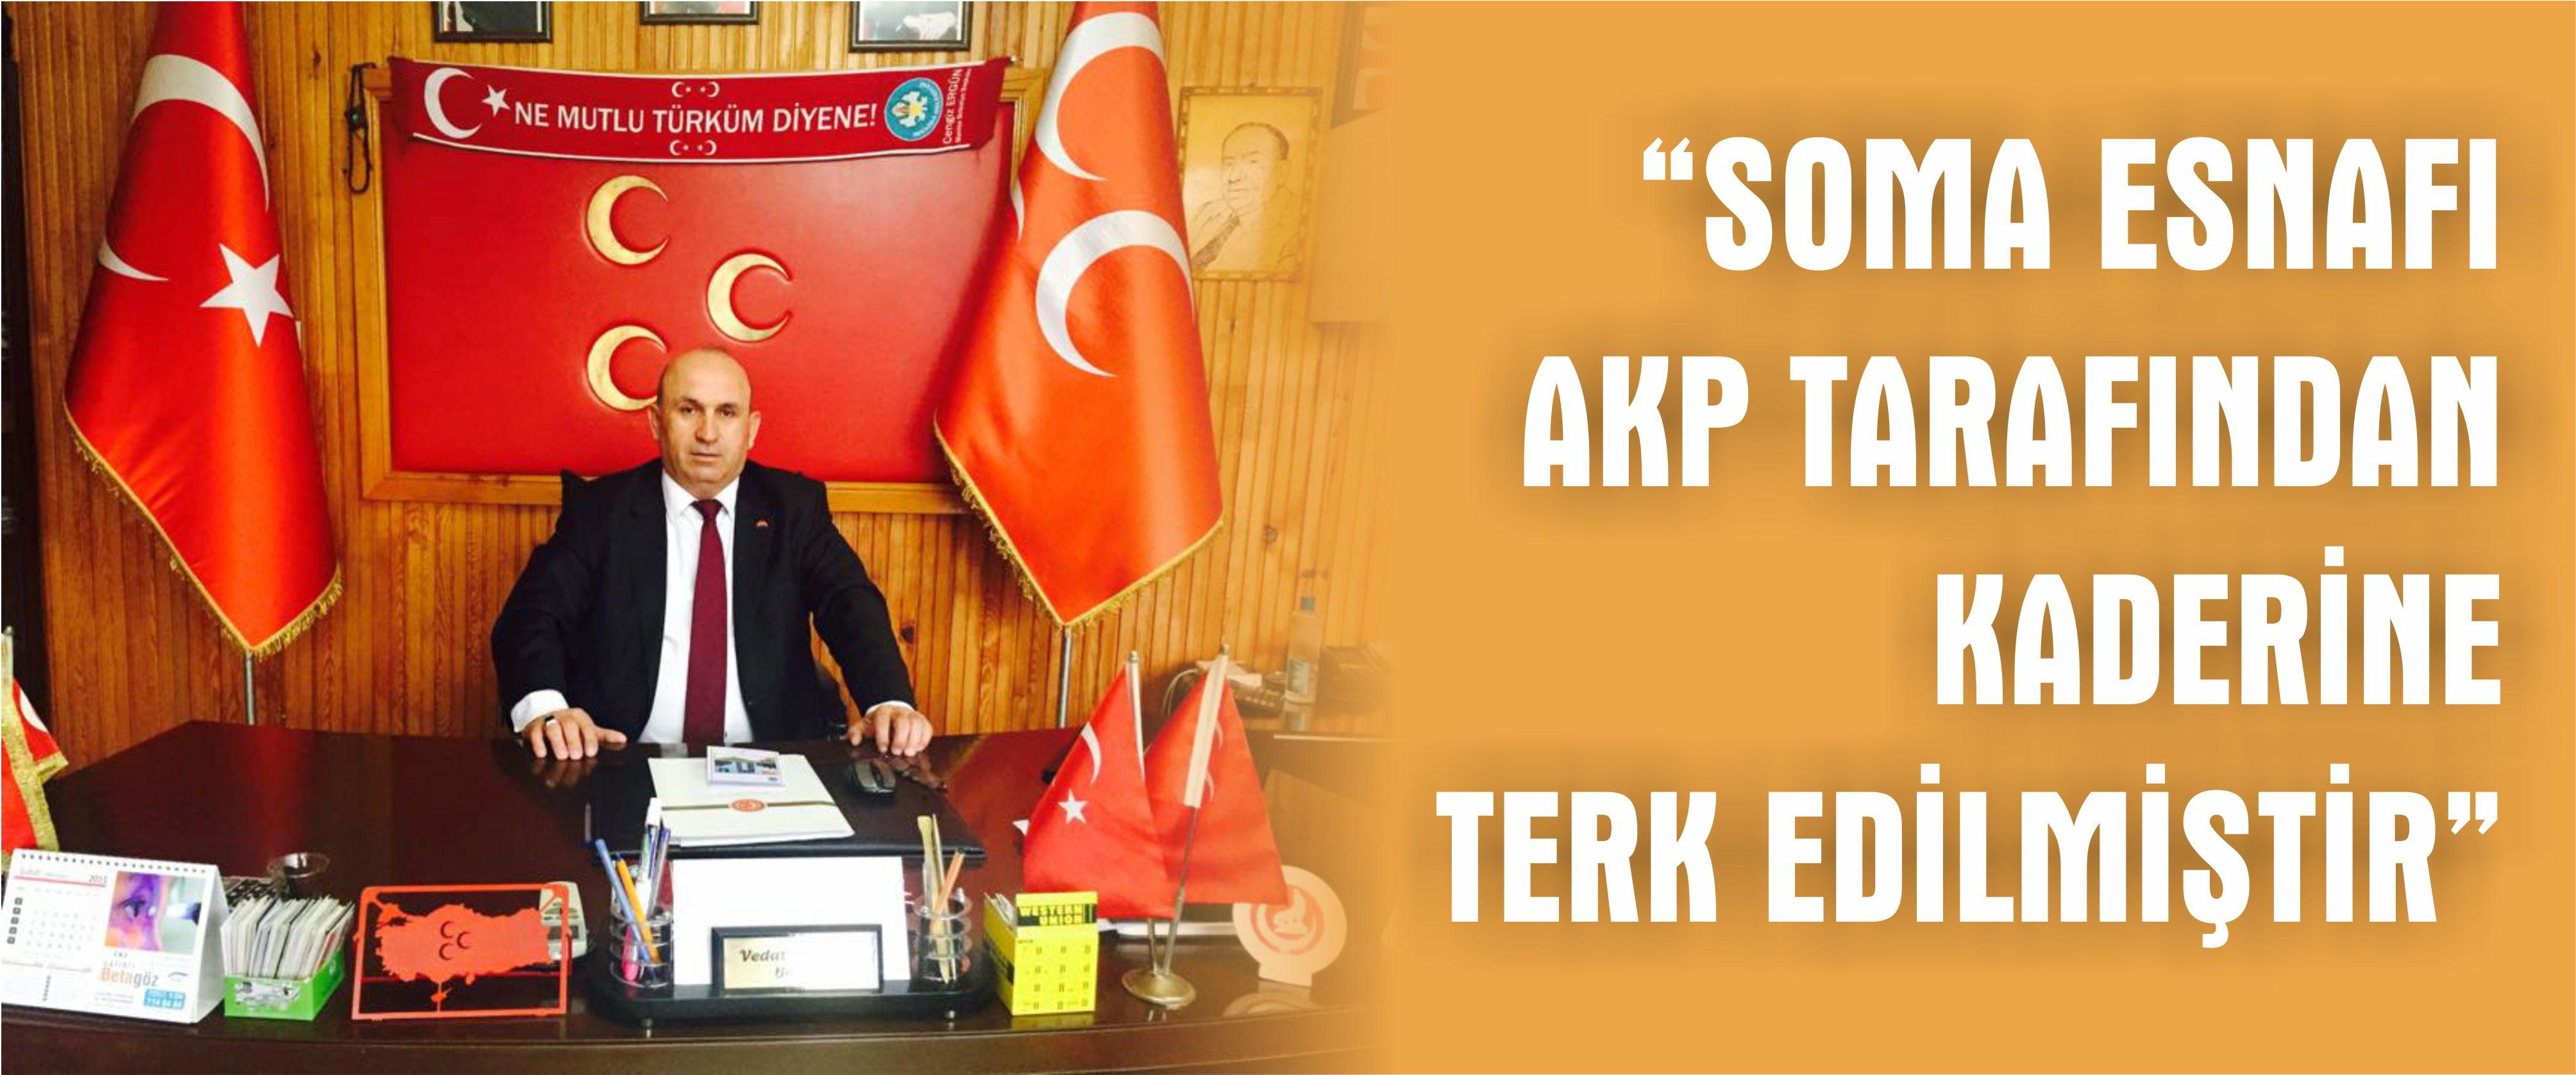 """""""SOMA ESNAFI  AKP TARAFINDAN  KADERİNE  TERK EDİLMİŞTİR"""""""